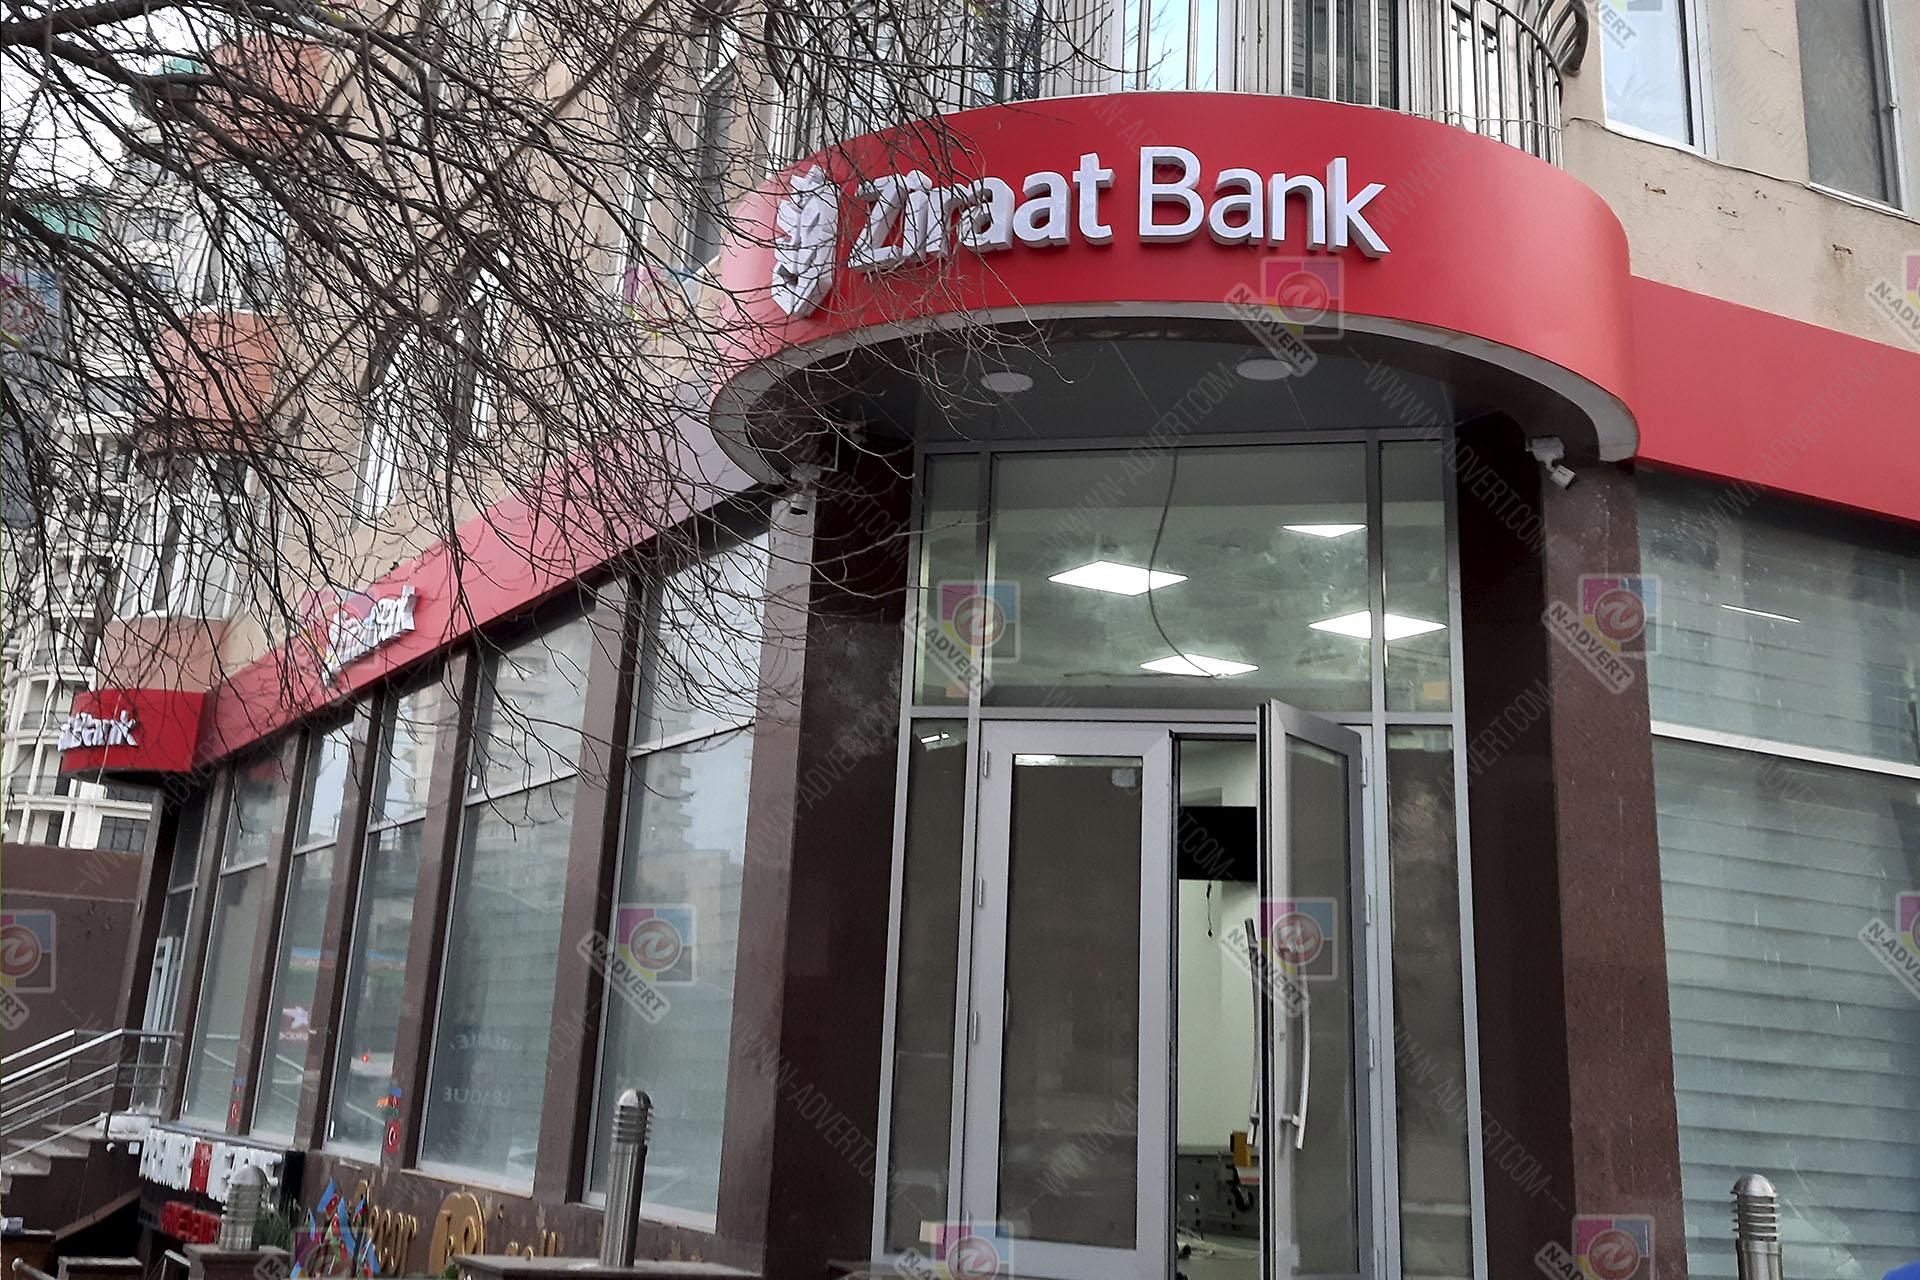 Ziraat bank - 2 1920x1280